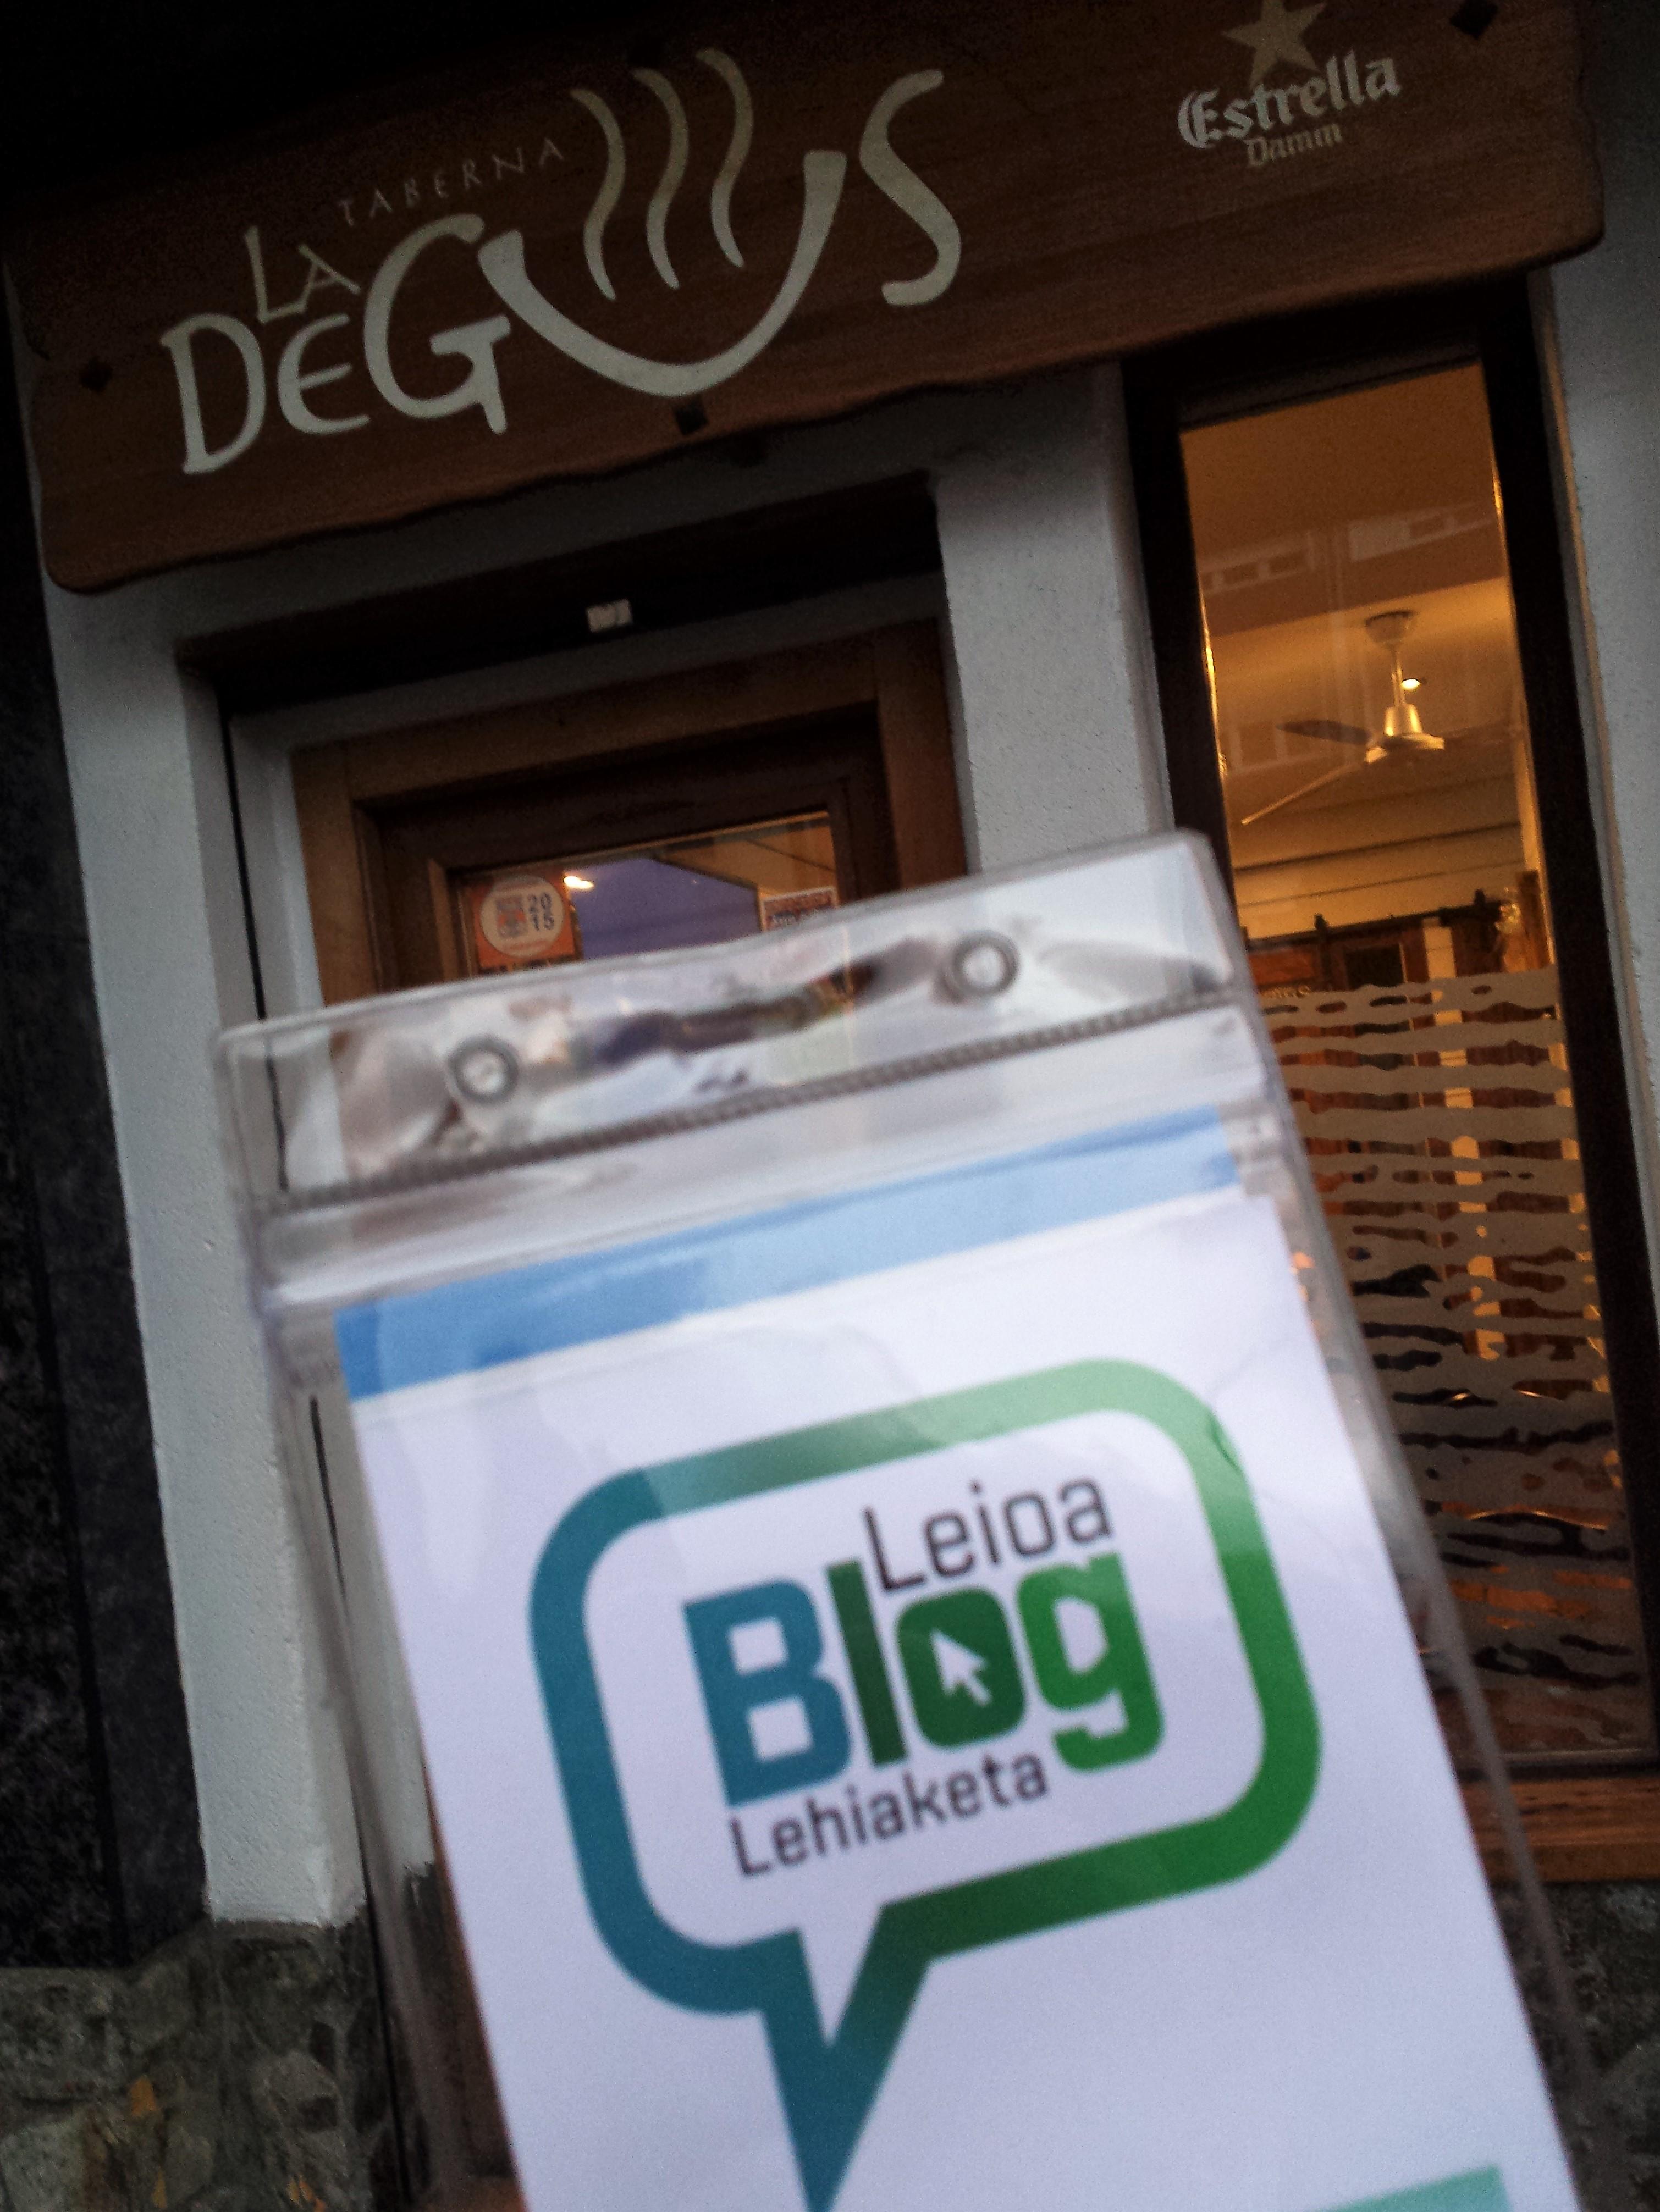 leioa Blog17 2